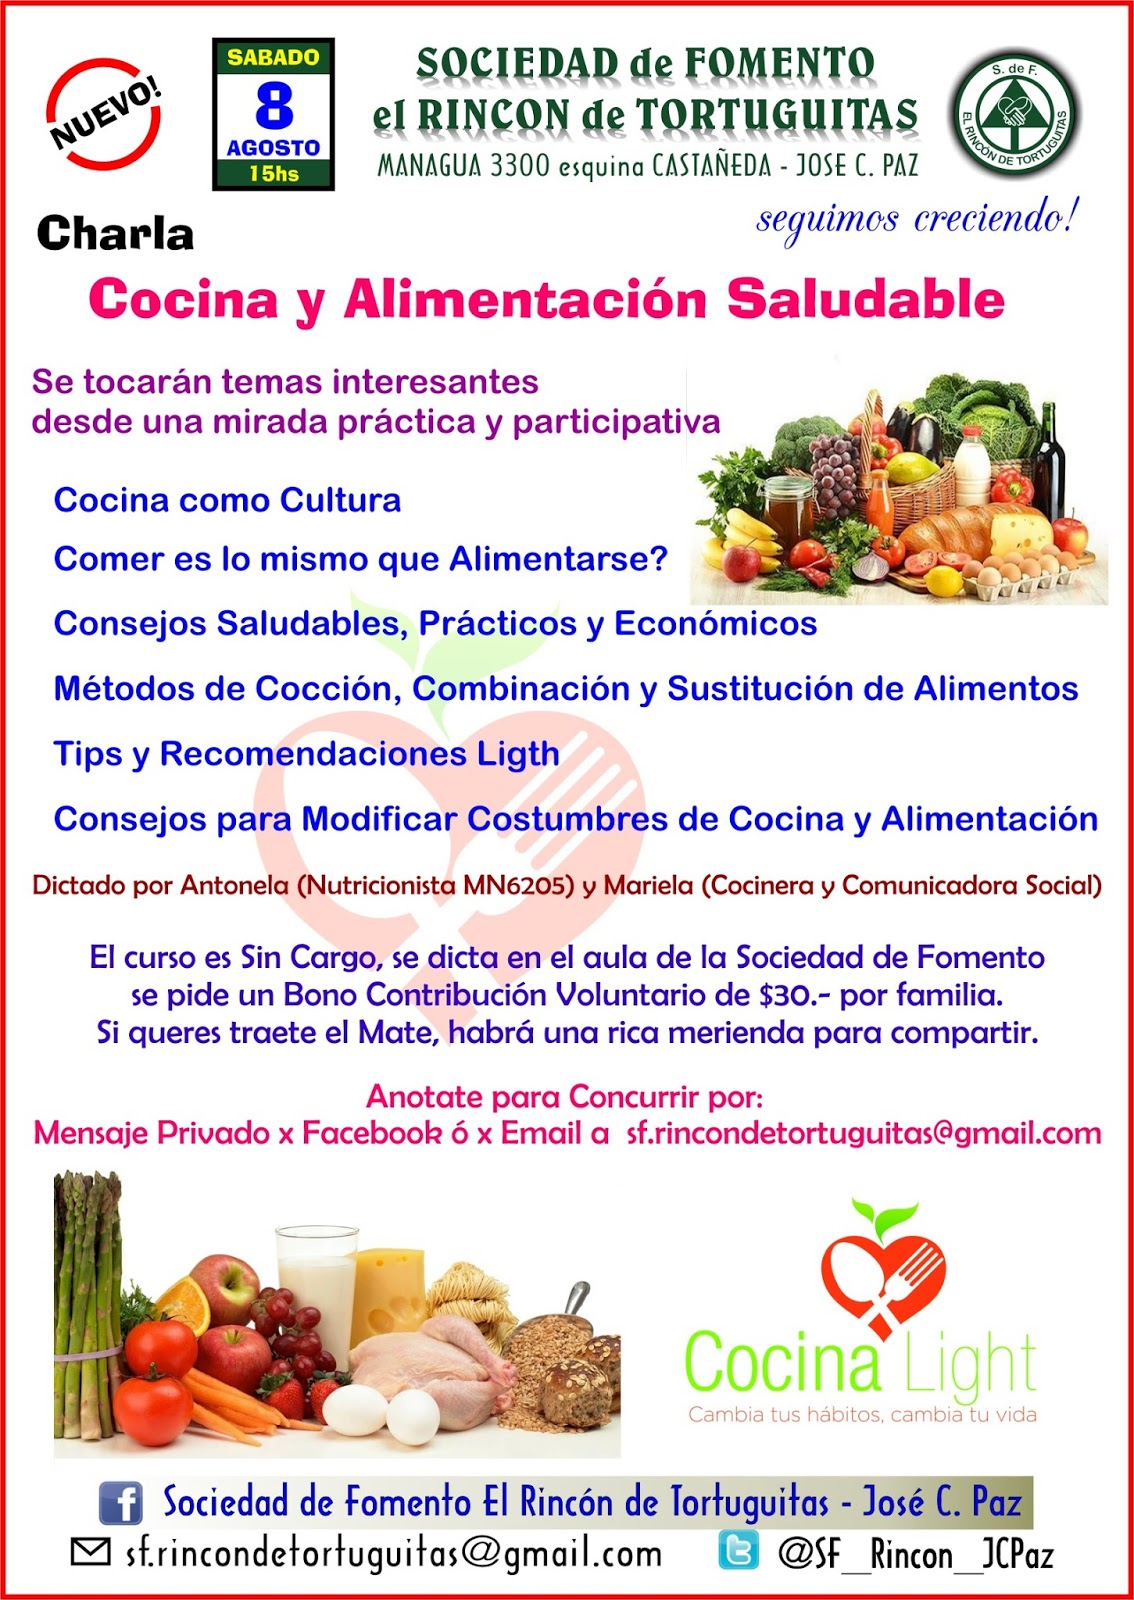 COCINA LIGHT: Charla sobre Cocina y Alimentación Saludable en ...